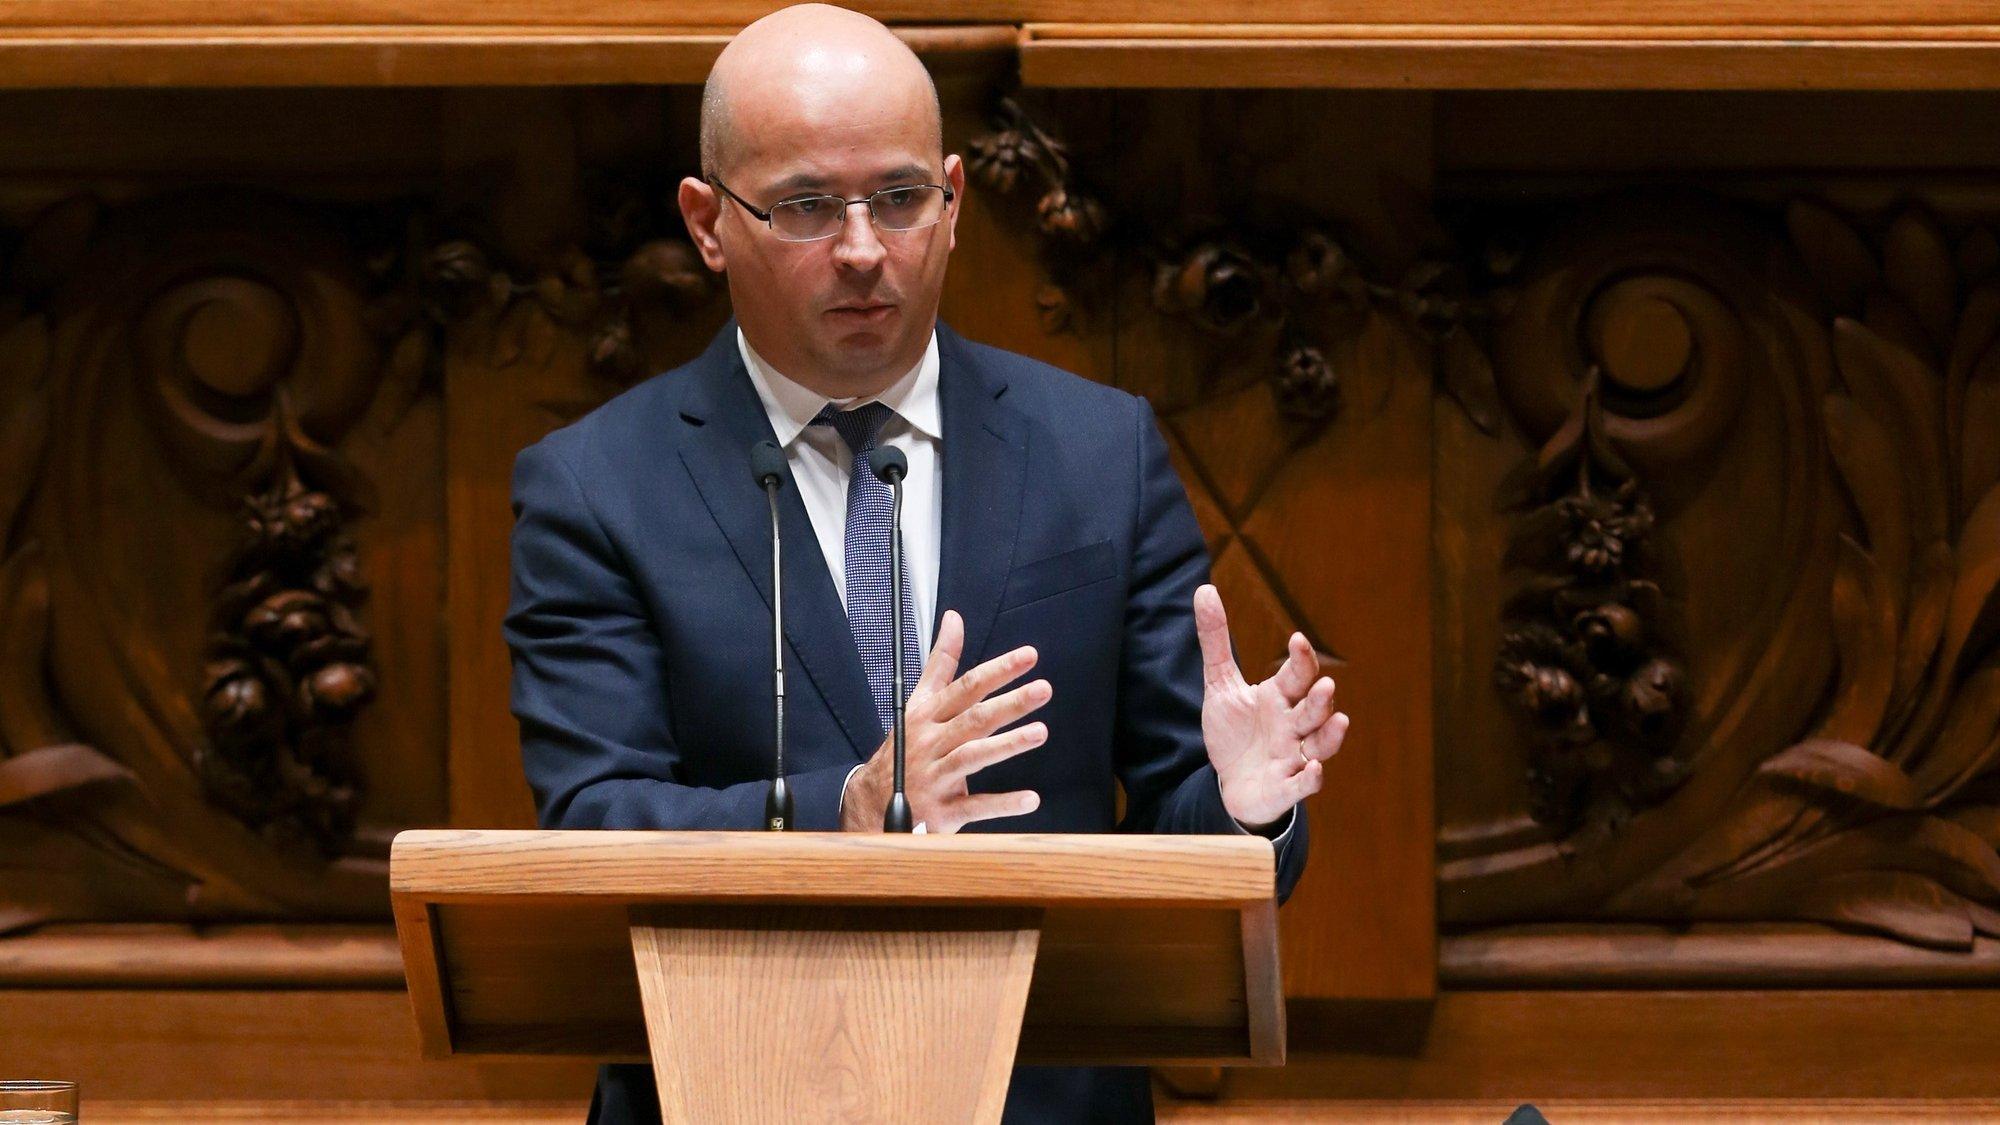 O ministro de Estado e das Finanças,  João Leão, discursa durante o debate parlamentar para  votação do Orçamento de Estado 2021, 26 novembro 2020, na Assembleia da República, em Lisboa.     MANUEL DE ALMEIDA / LUSA